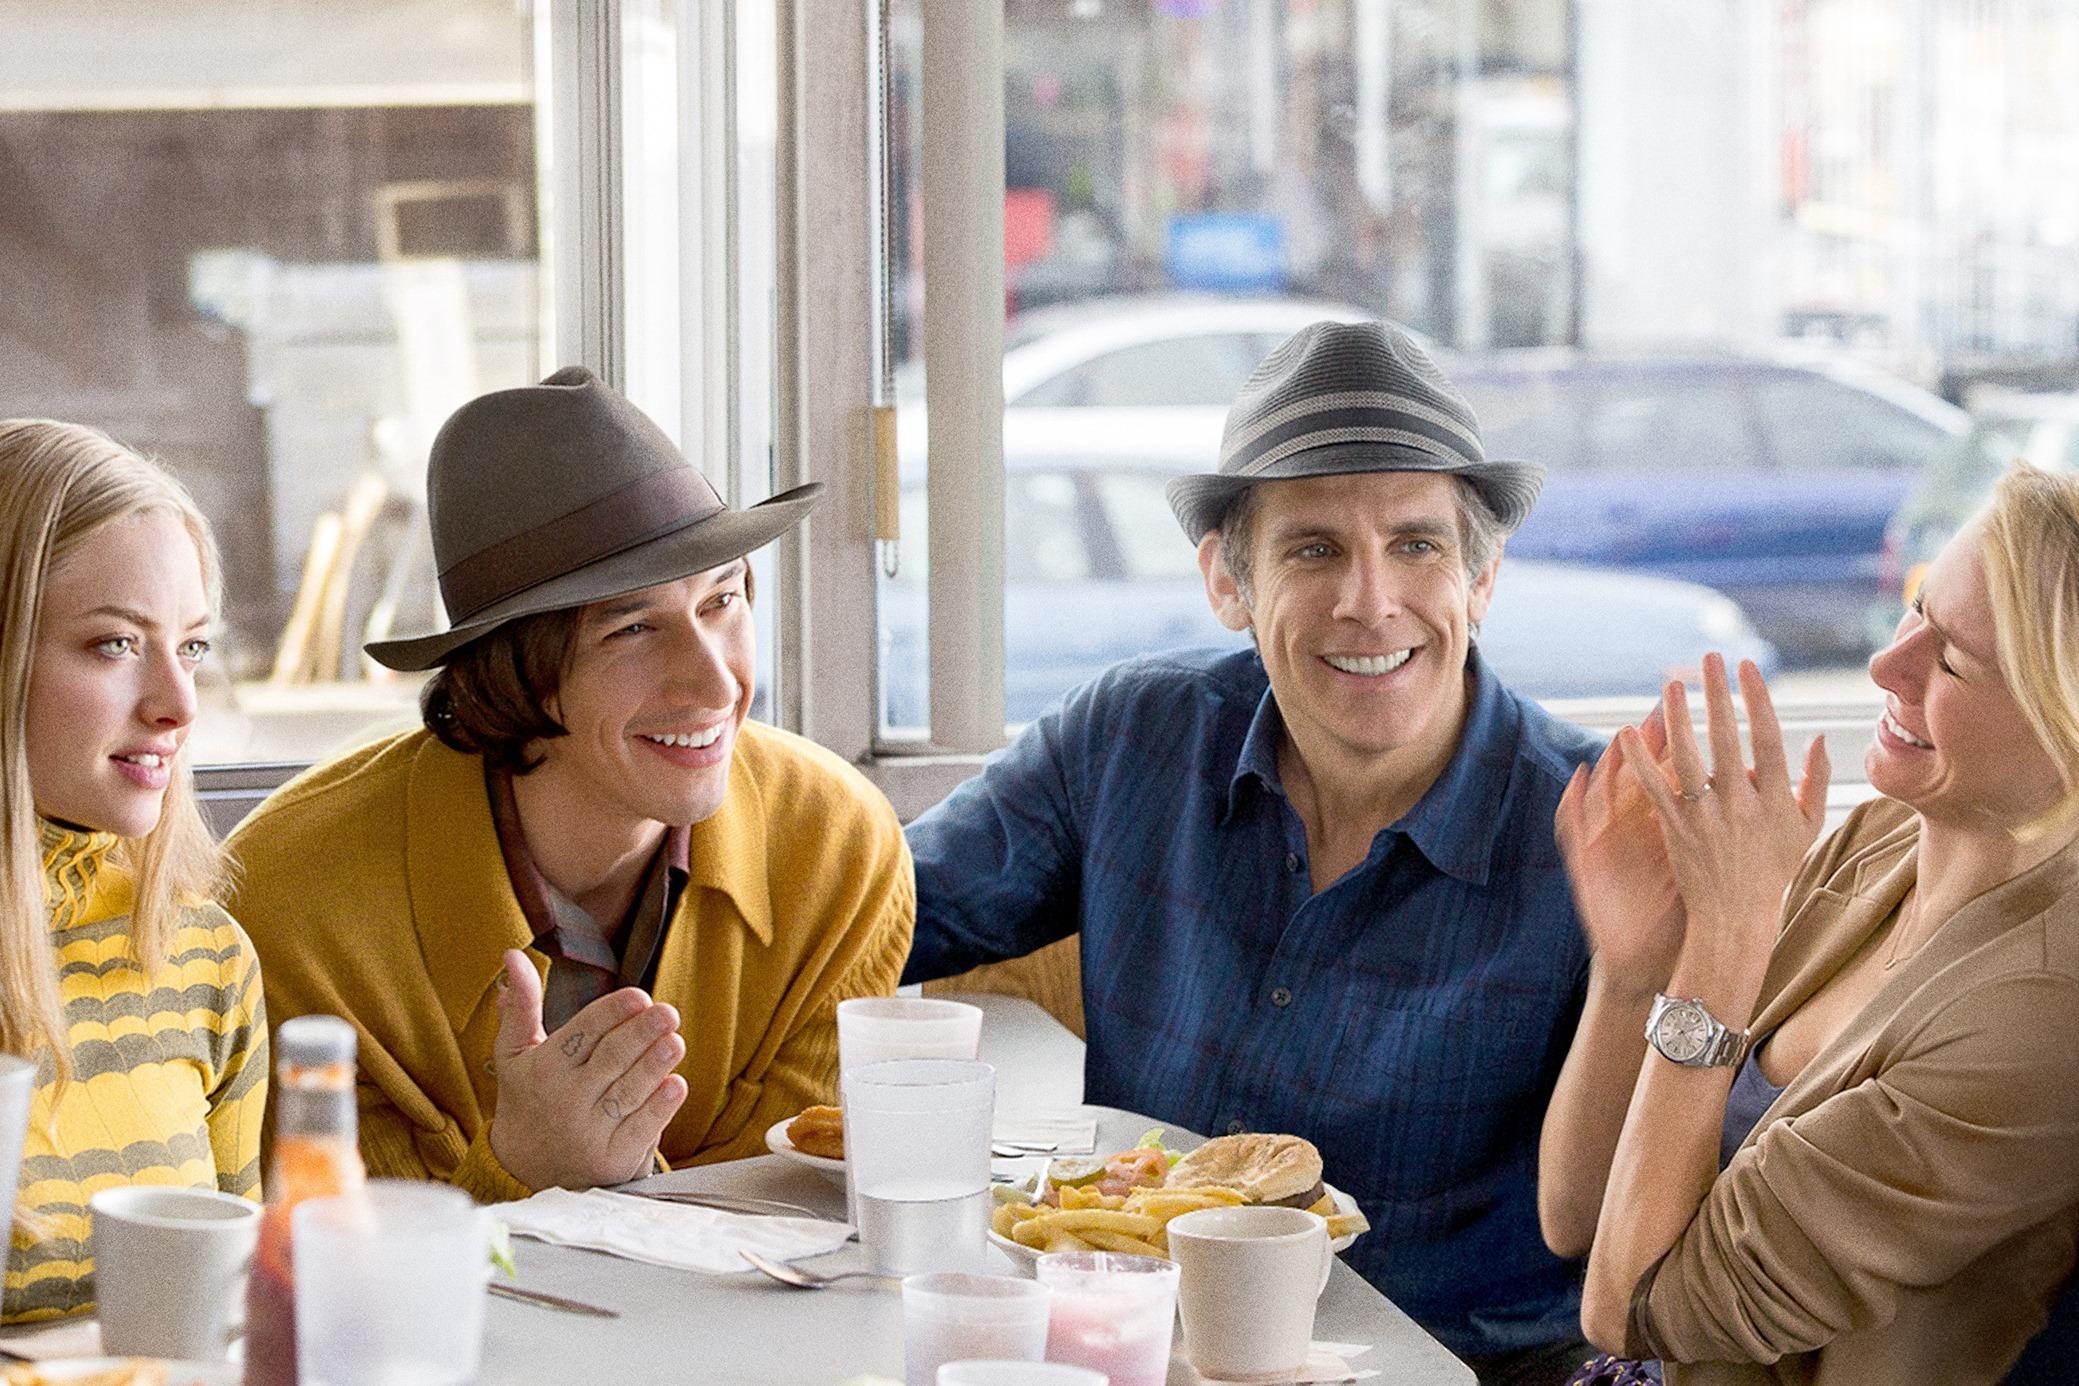 左から アマンダ・サイフリッド、アダム・ドライバー、ベン・スティラー、ナオミ・ワッツ『ヤング・アダルト・ニューヨーク』 © 2014 InterActiveCorp Films, LLC.